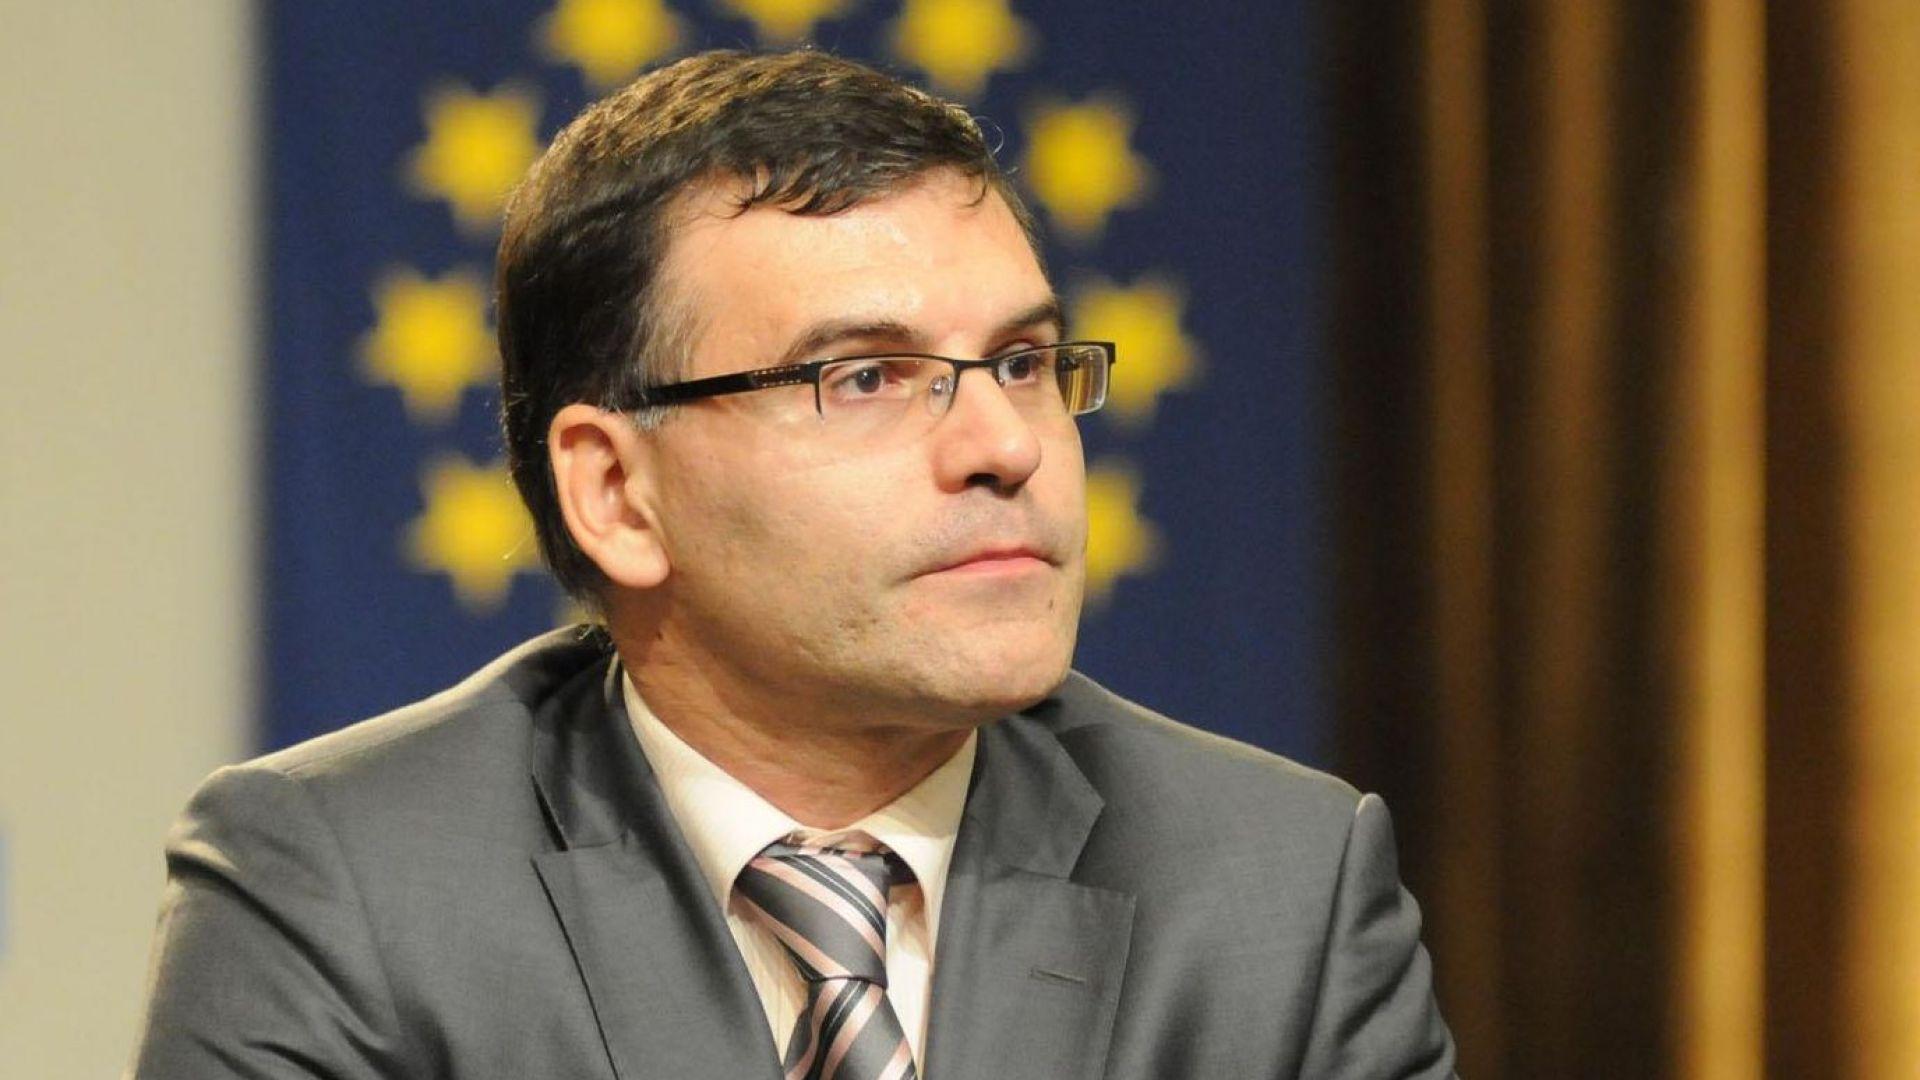 Симеон Дянков: Ако кризата продължи, голяма част от икономиката няма да издържи